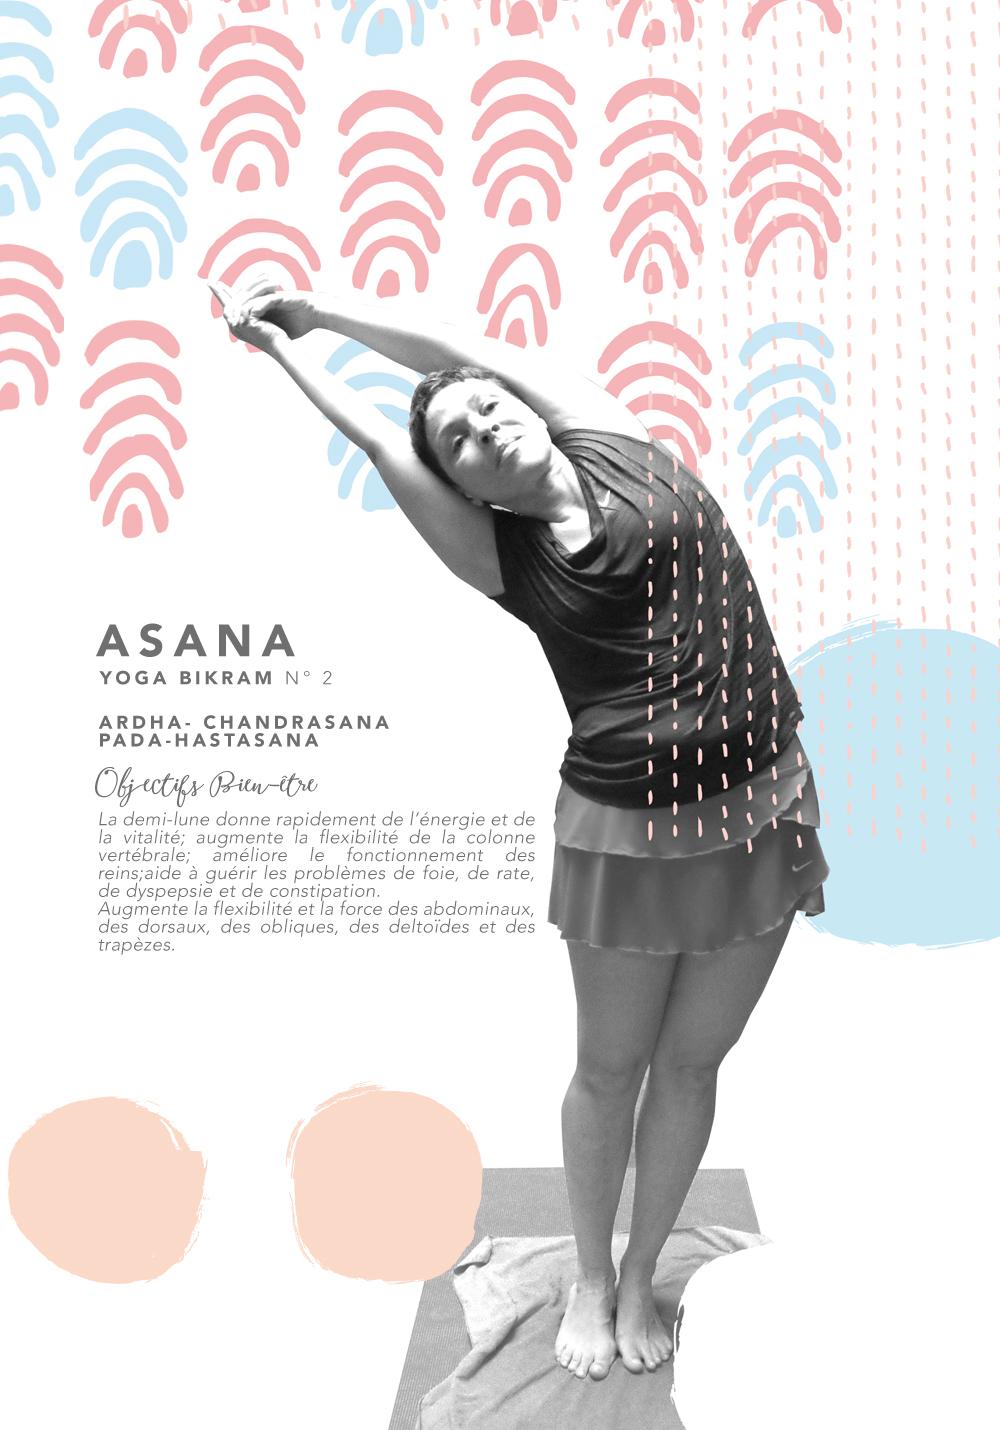 Air Chic Design:disque externe:EXOChic:1 -POSTS:1 - ARTICLES:2018:01- JANVIER:04 Yoga Bikram:visuel blog:yoga bikram exochic 1.jpg